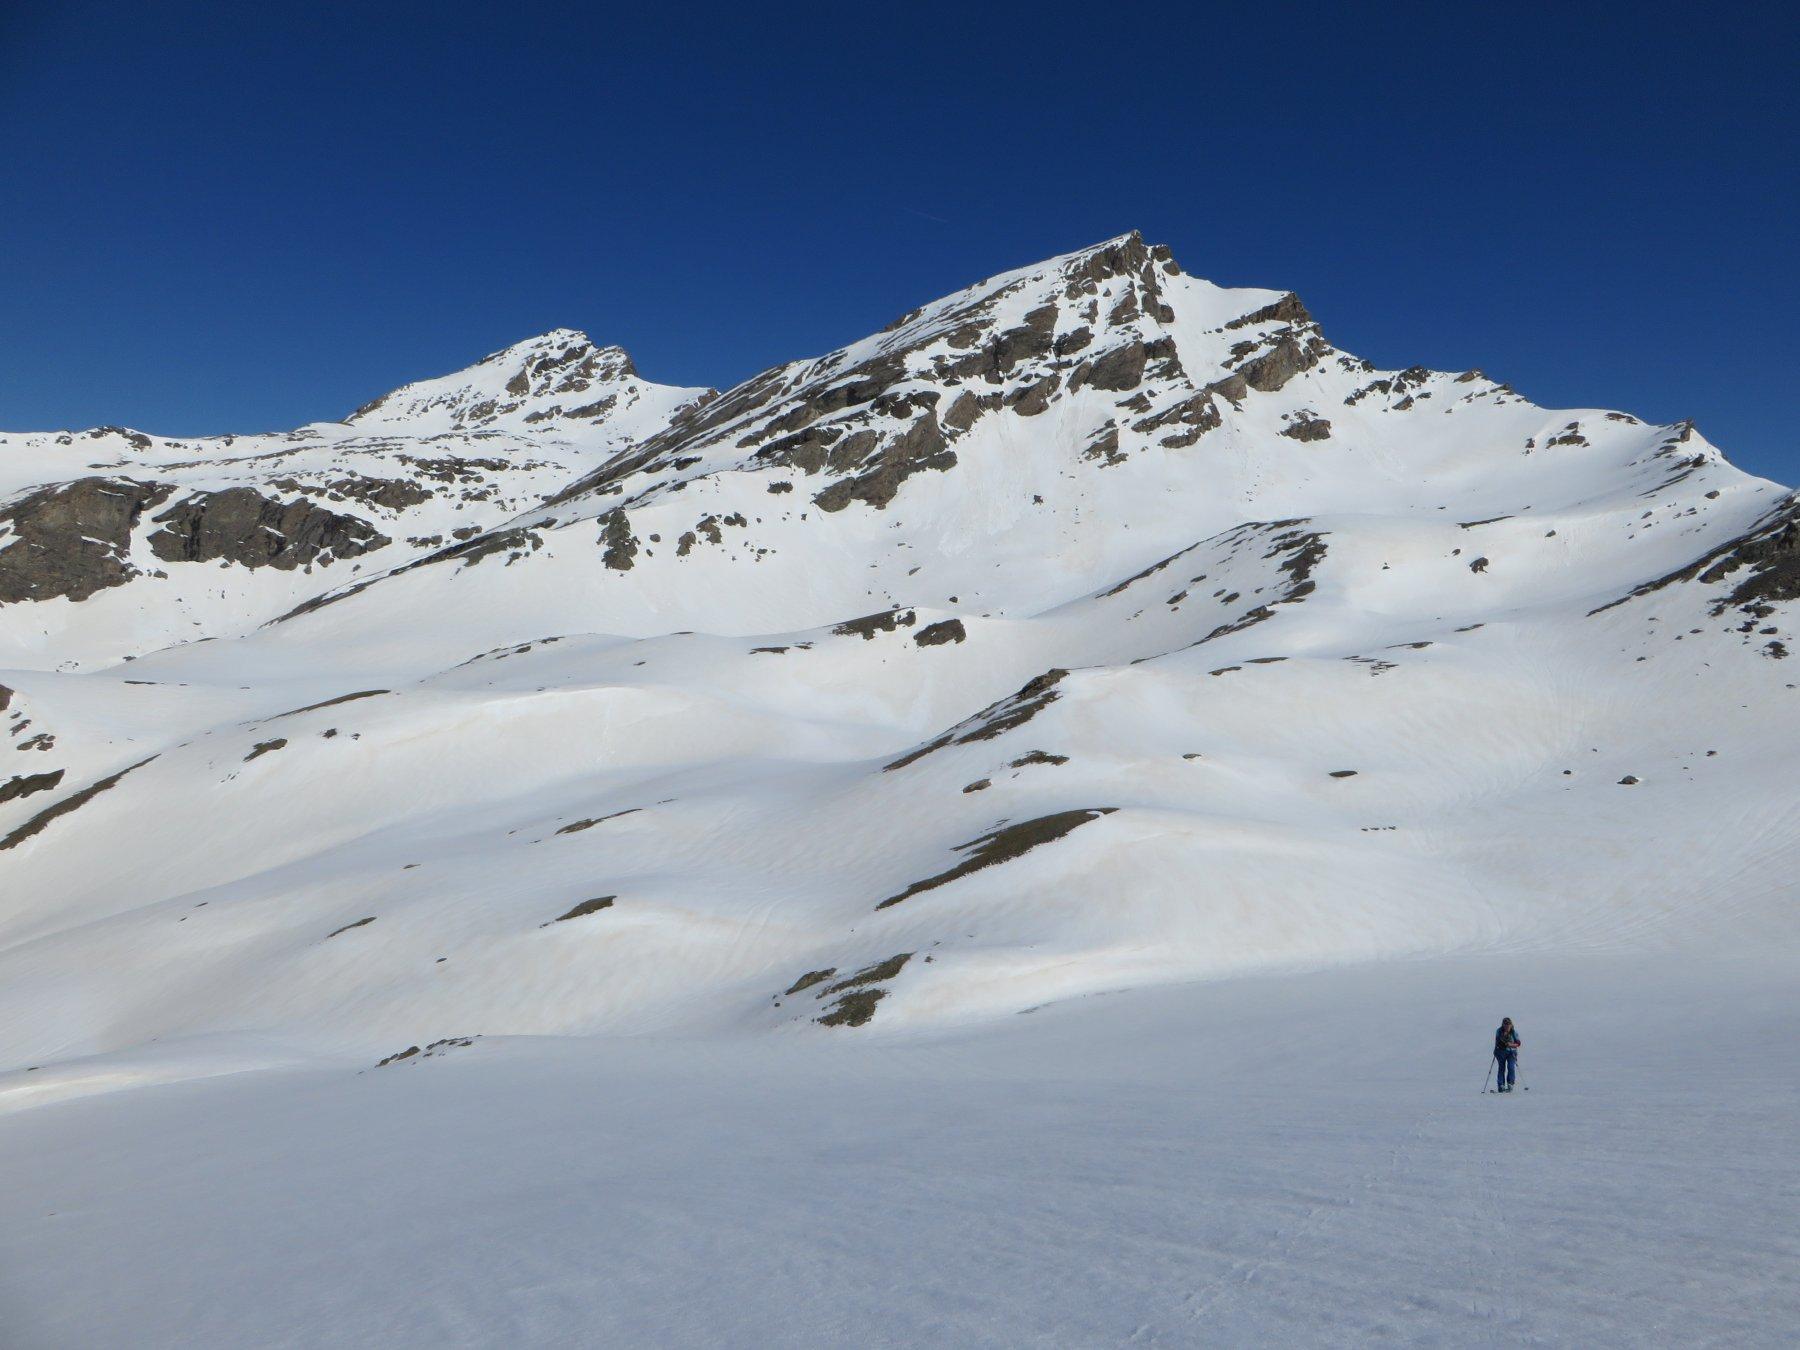 Mongioia e Salza visti durante la salita dell'ultimo pendio prima della cima